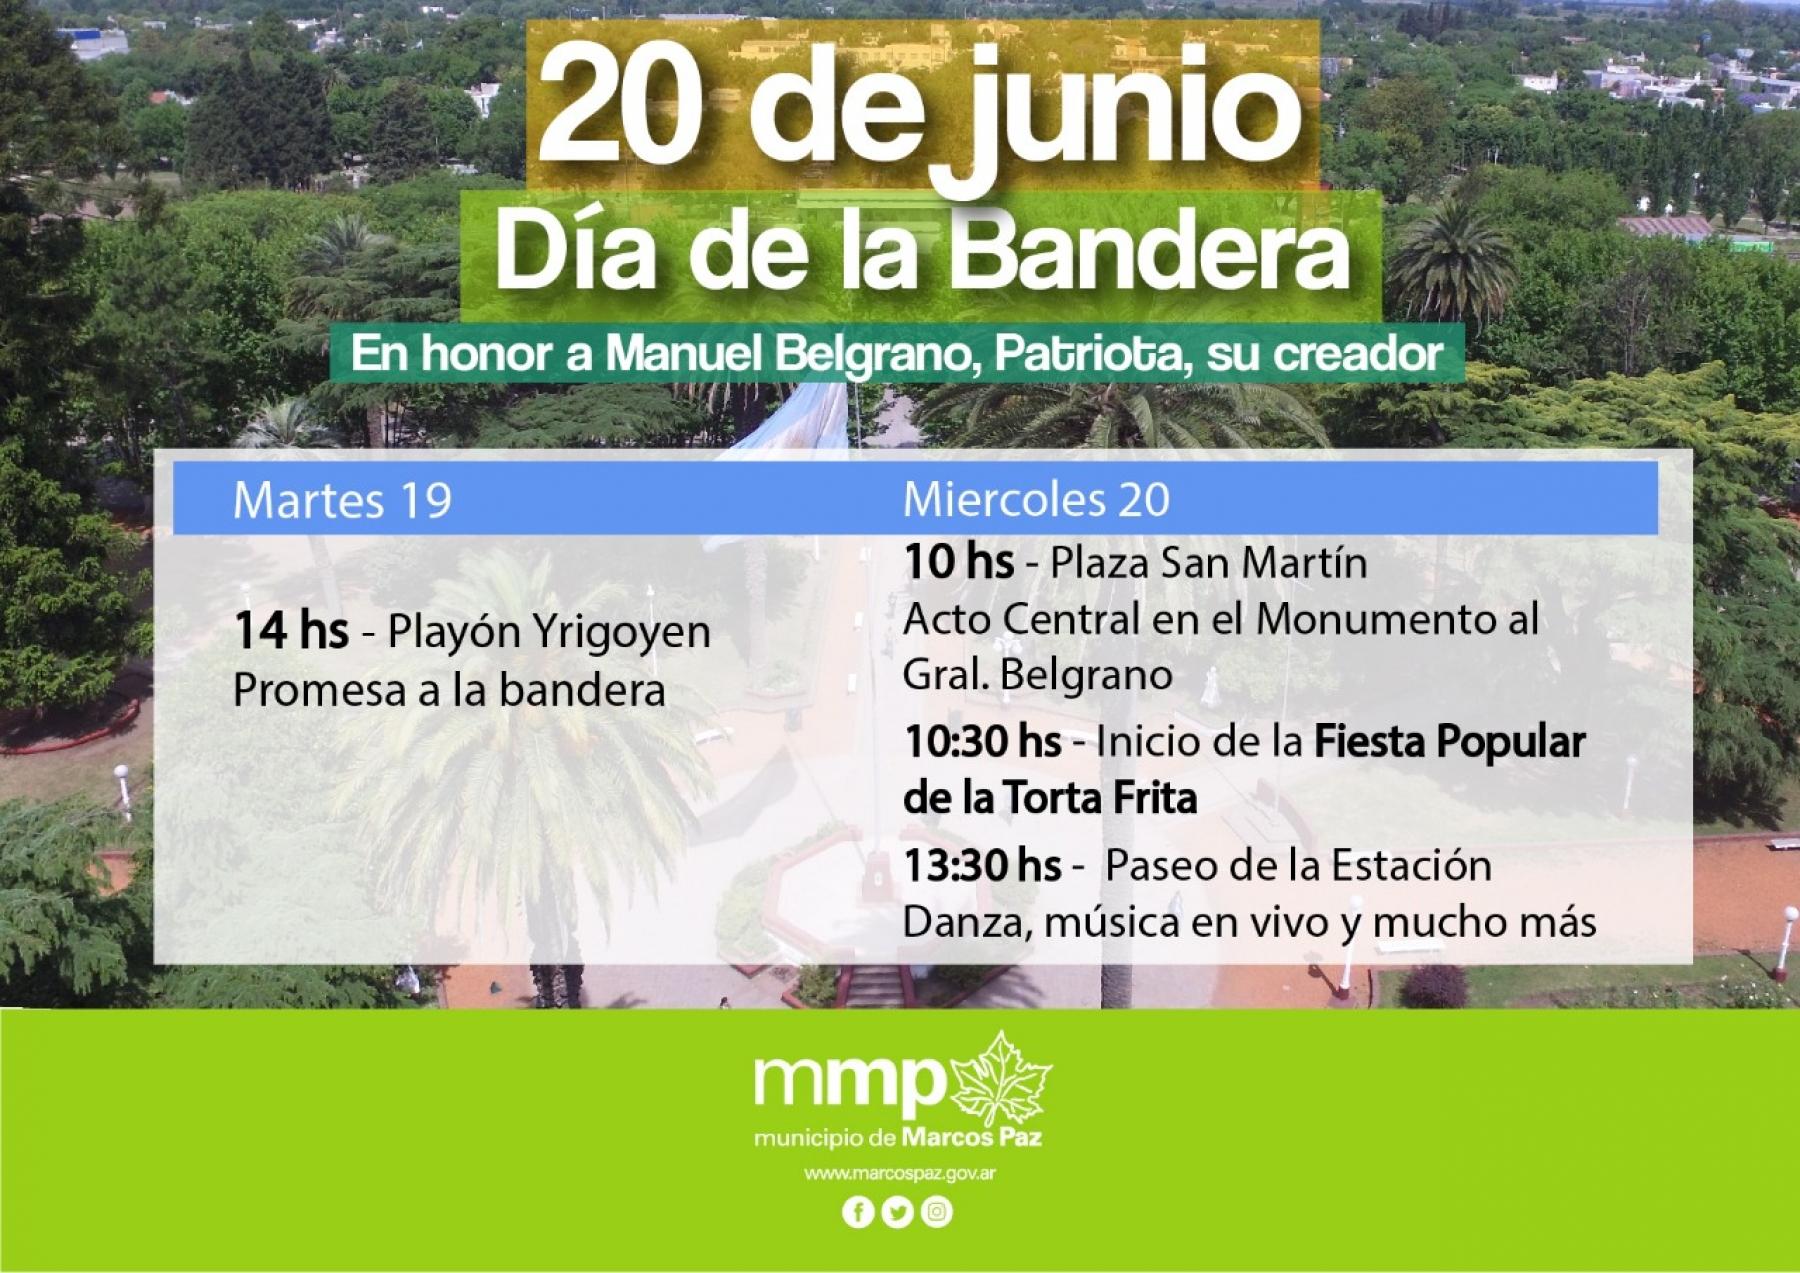 Actividades en el marco del 20 de Junio DIA DE LA BANDERA ...